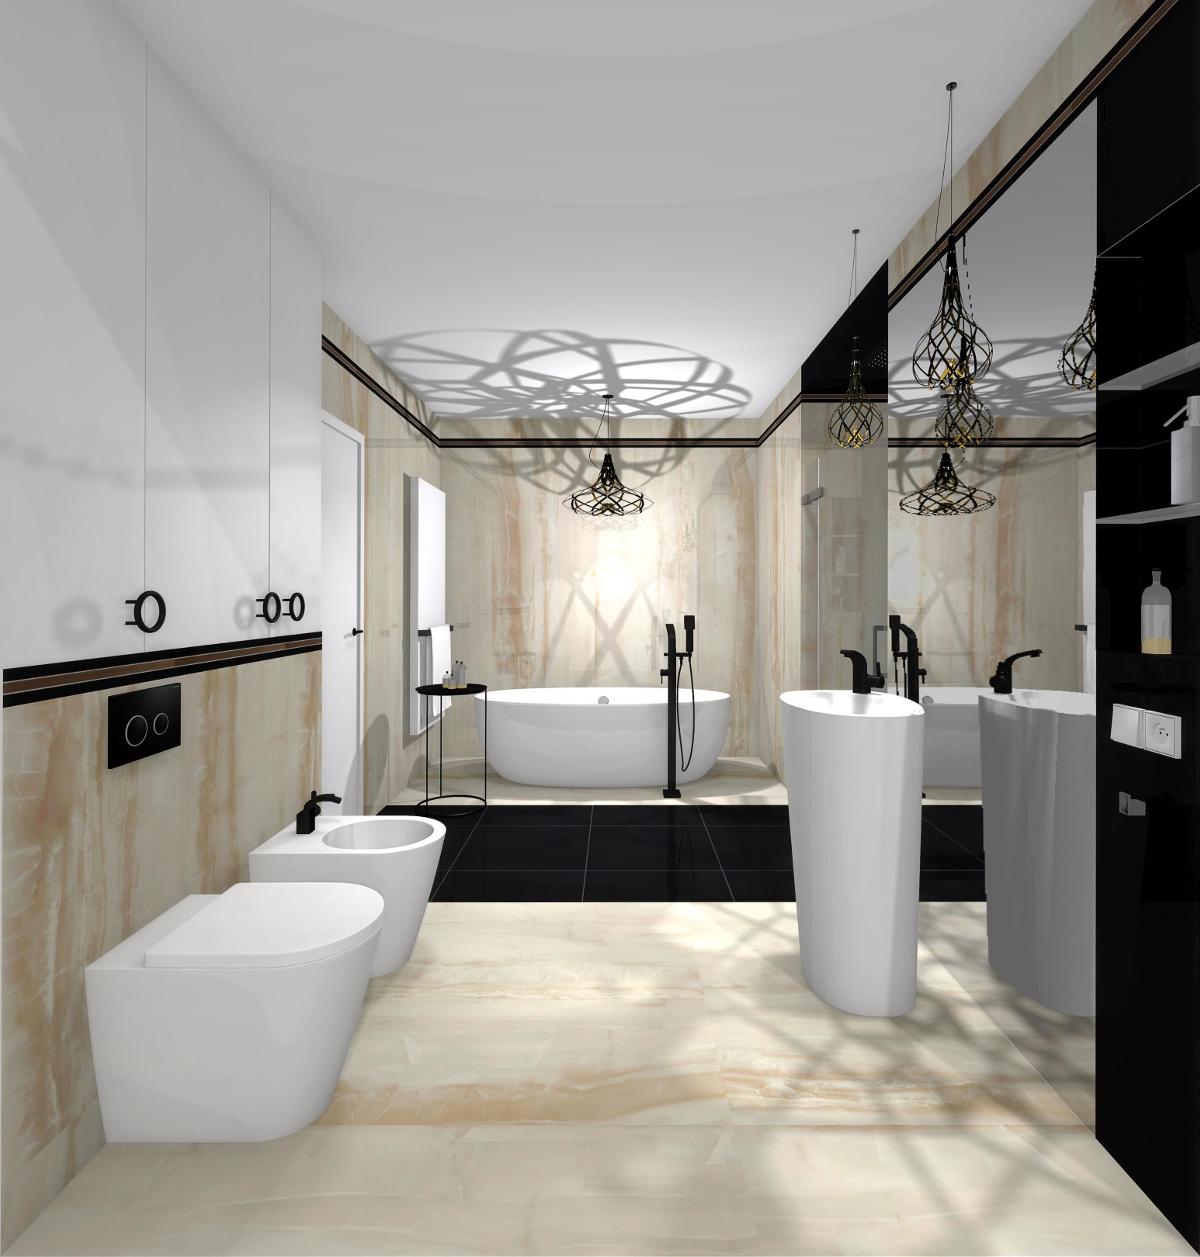 projekt łazienki, wyposażenie łazienki, aranżacja łazienki, płytki monolith